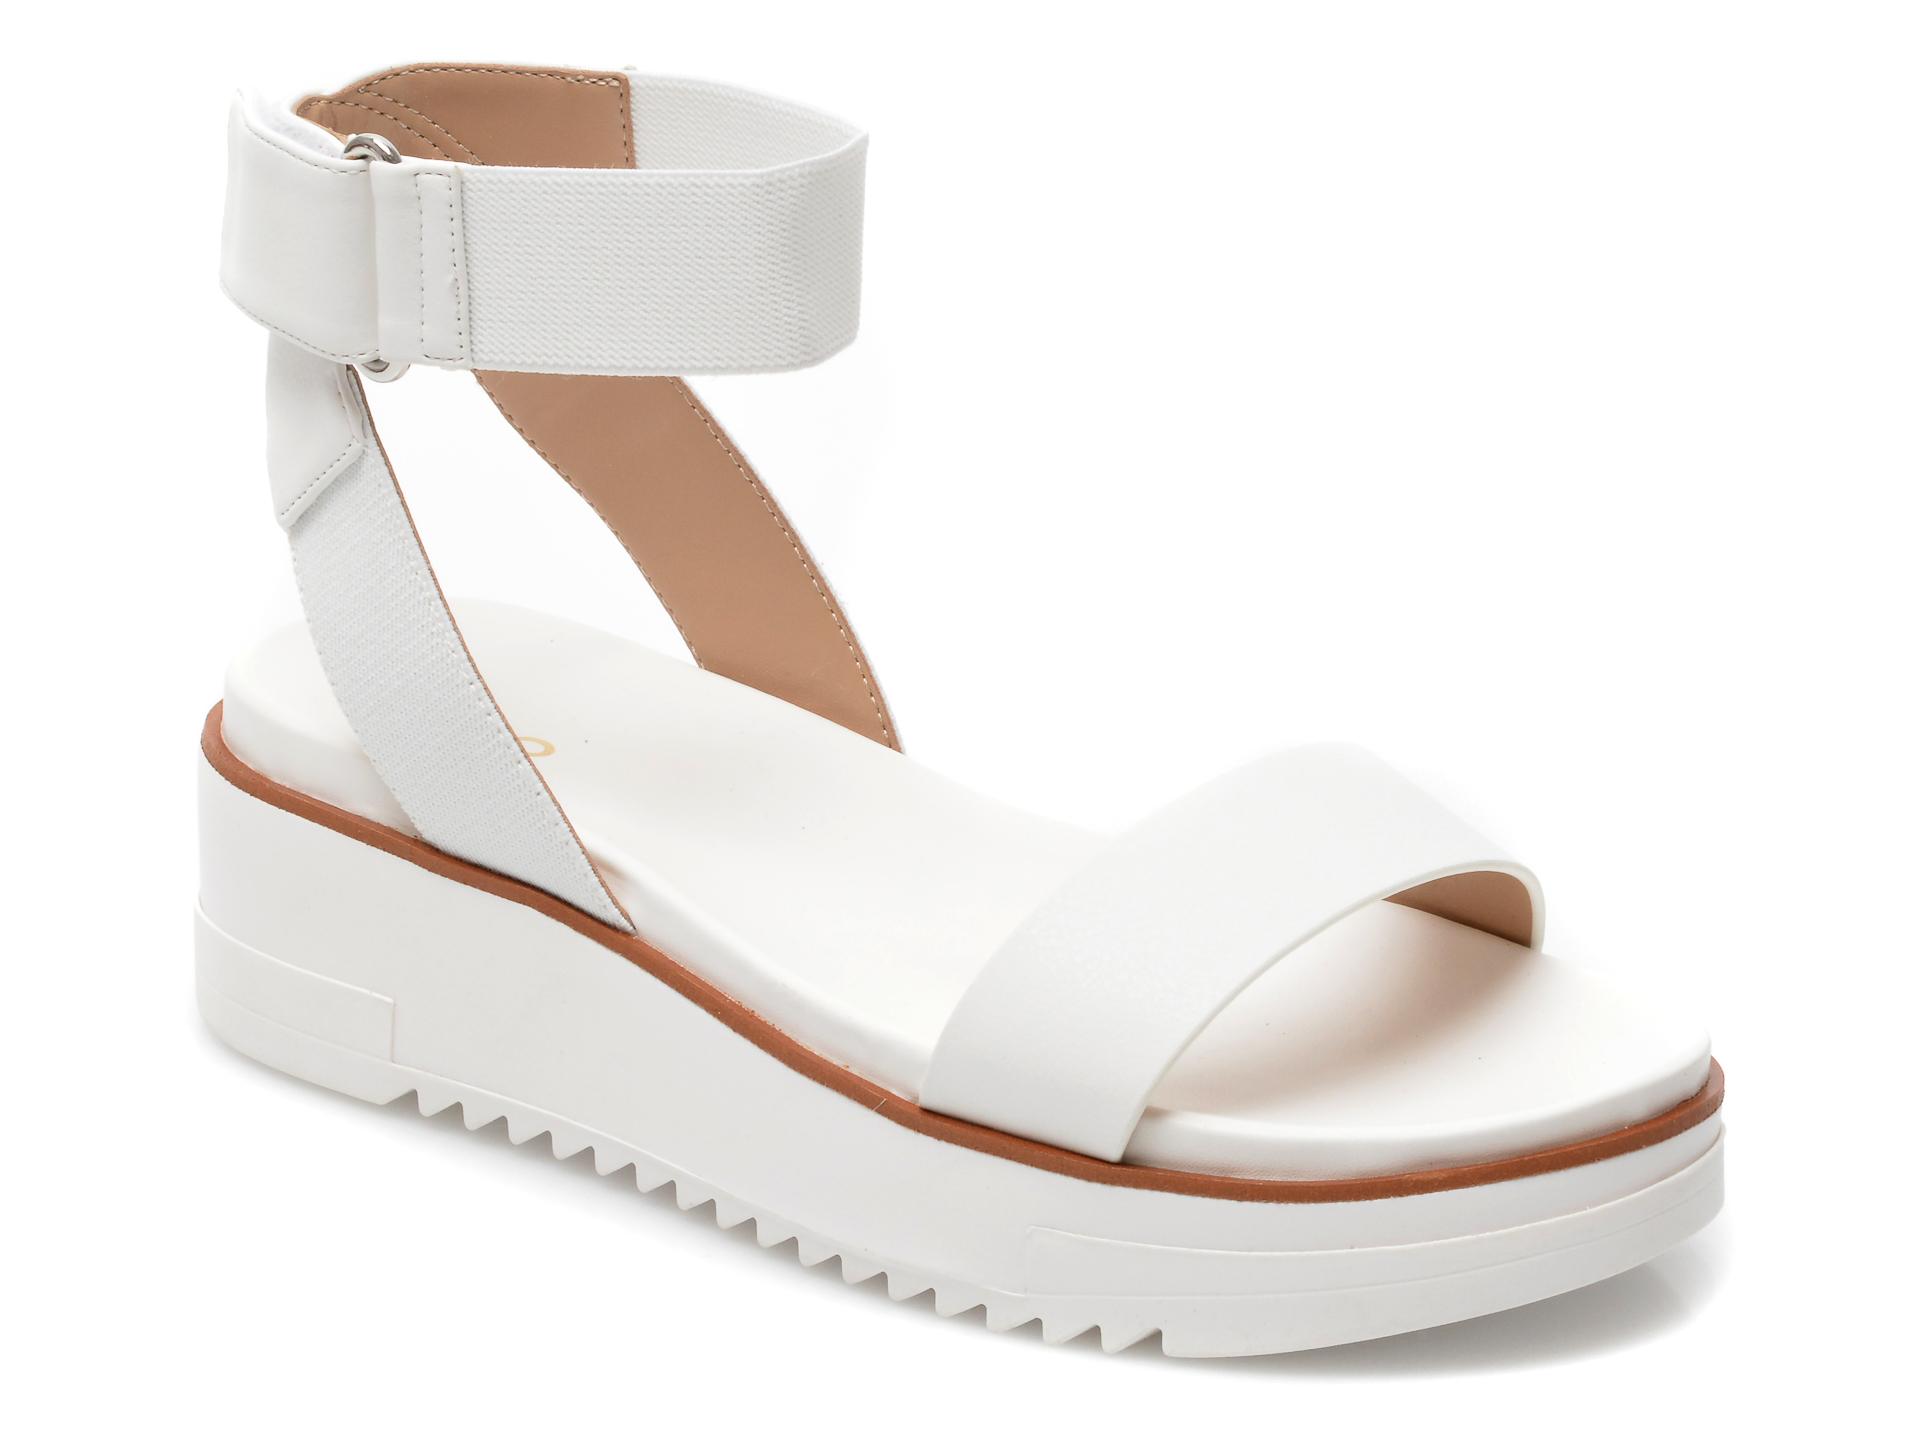 Sandale ALDO albe, 13240915, din piele ecologica imagine 2021 Aldo